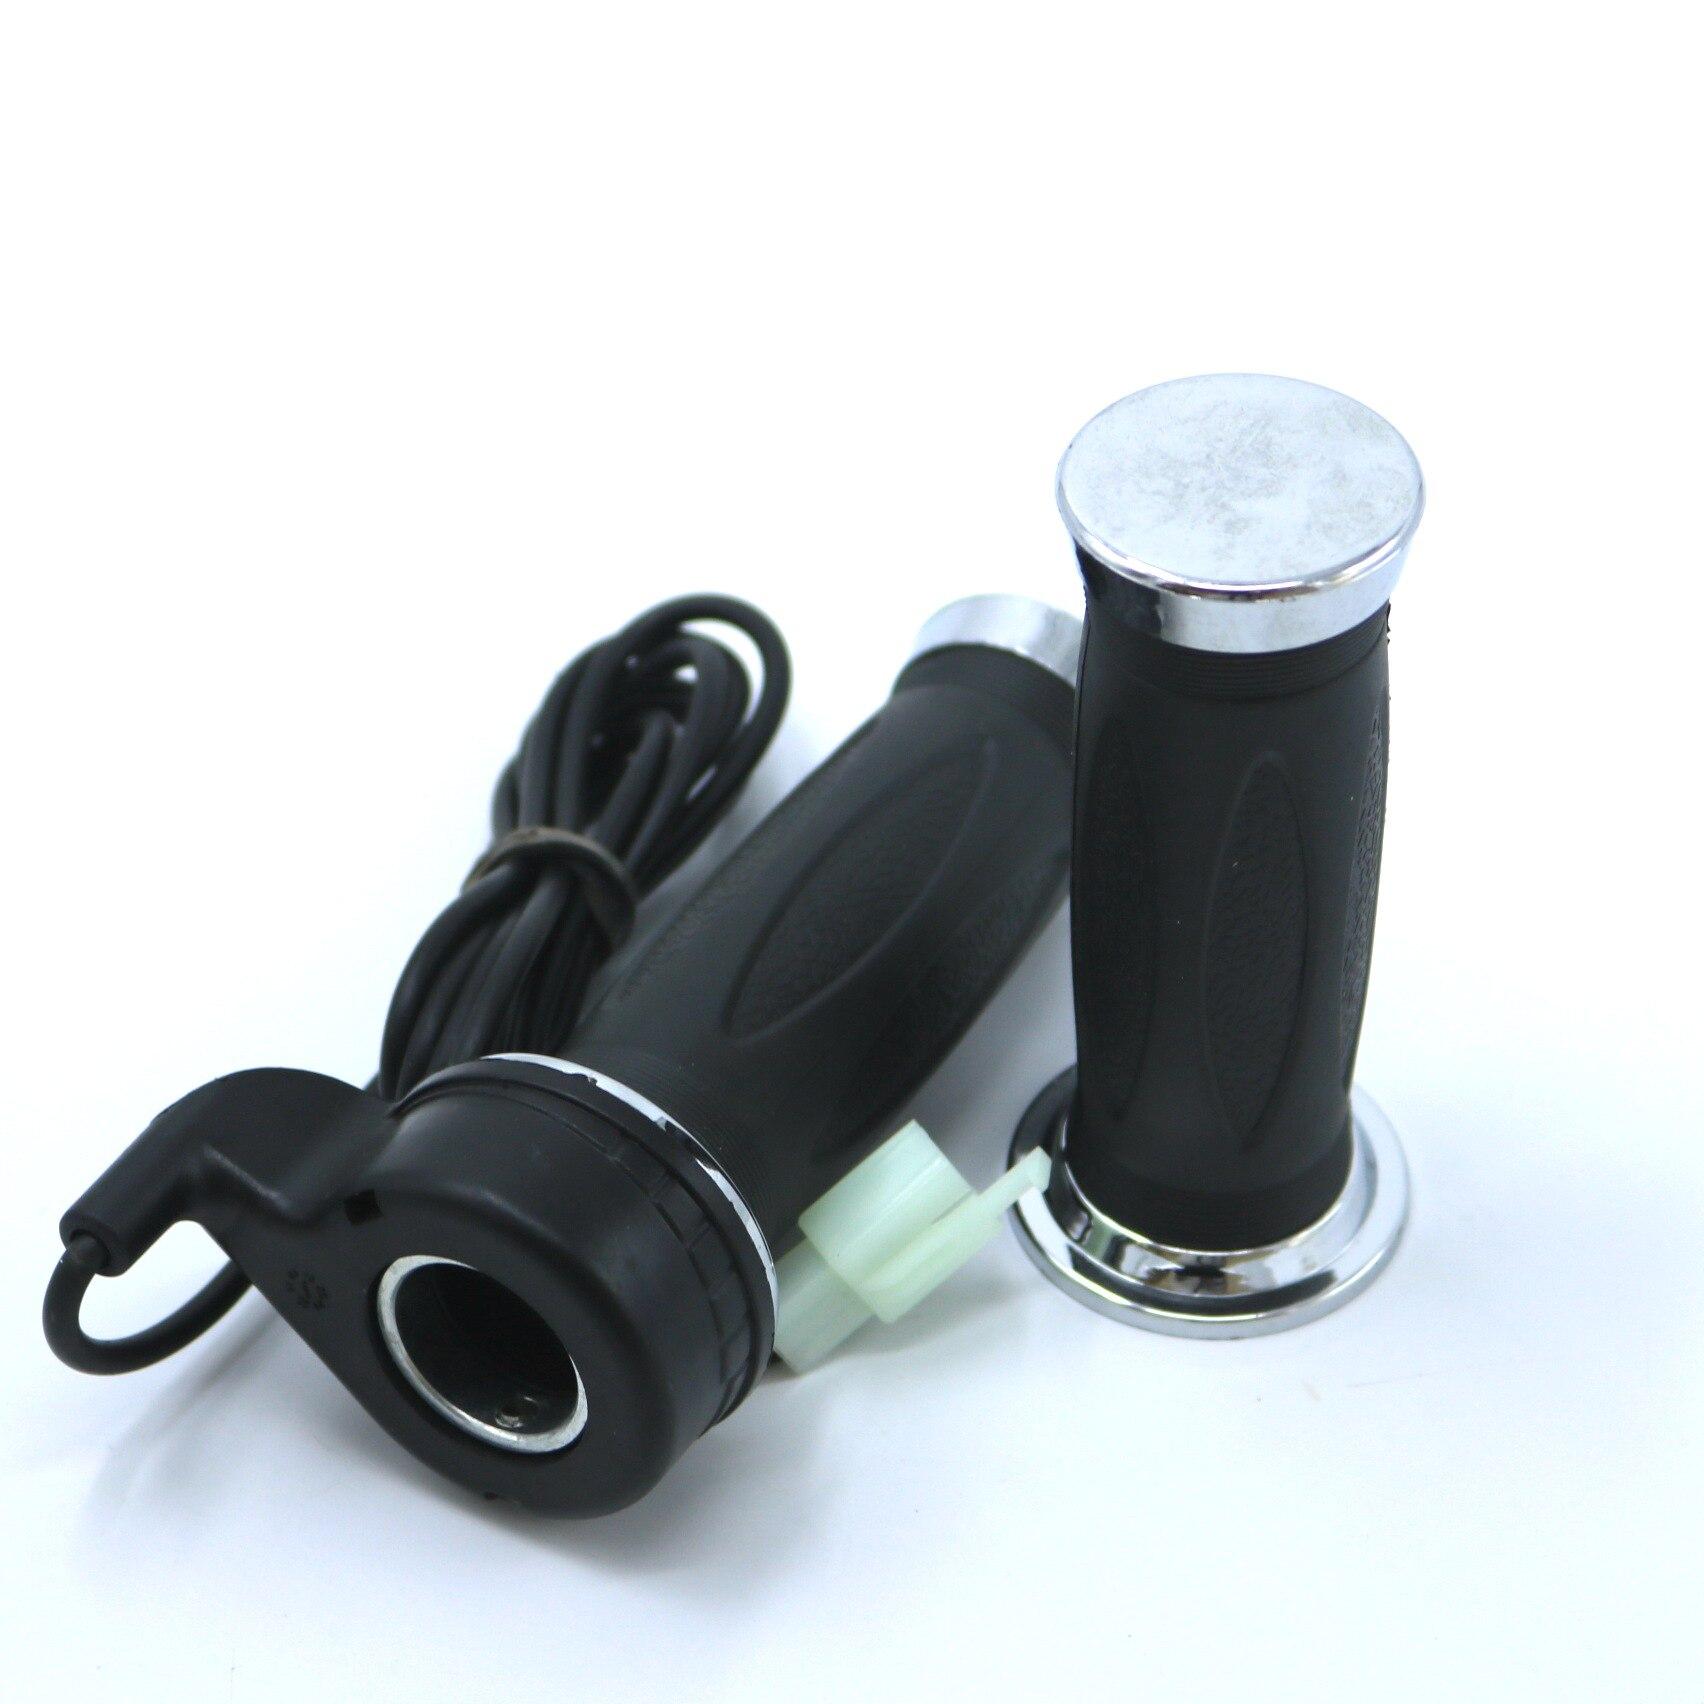 24V-72V Ebike Twist Throttle Speed Throttle Electric Bike DIY Parts Color Black